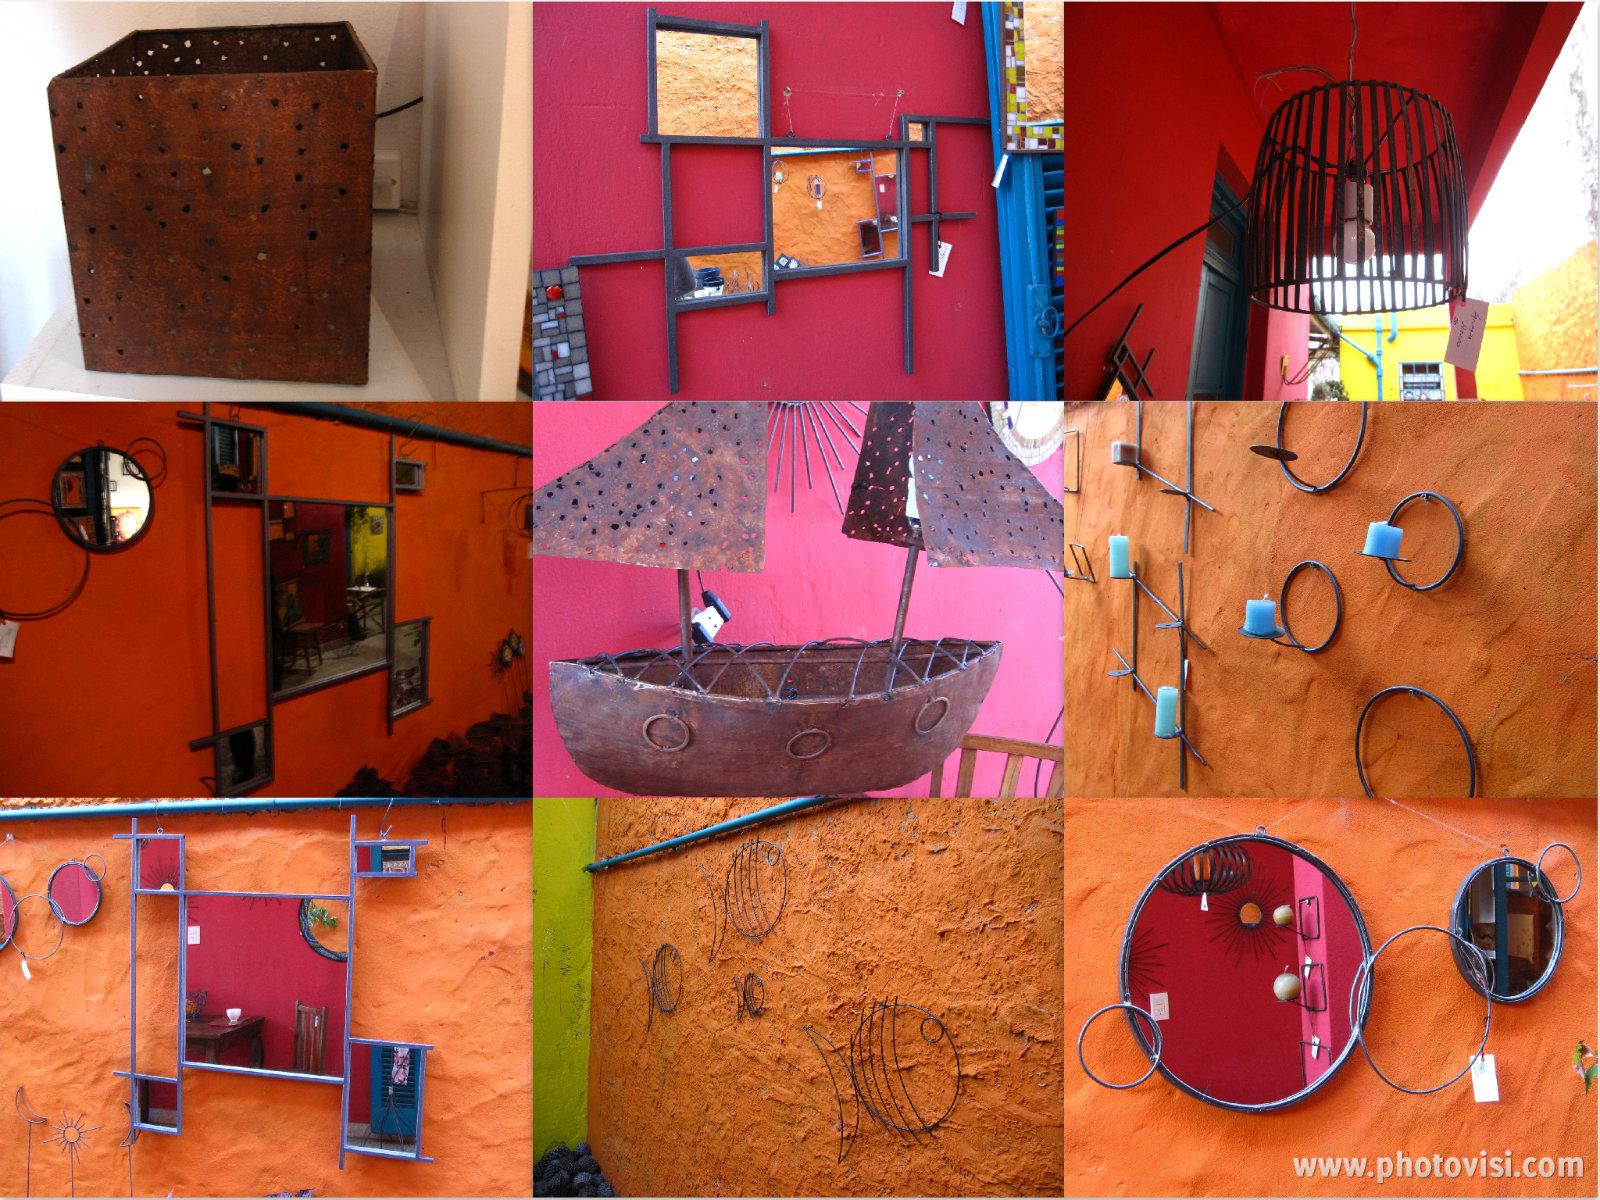 Ring raje dise o de interiores y objetos dise o de objetos for Objetos de decoracion de diseno